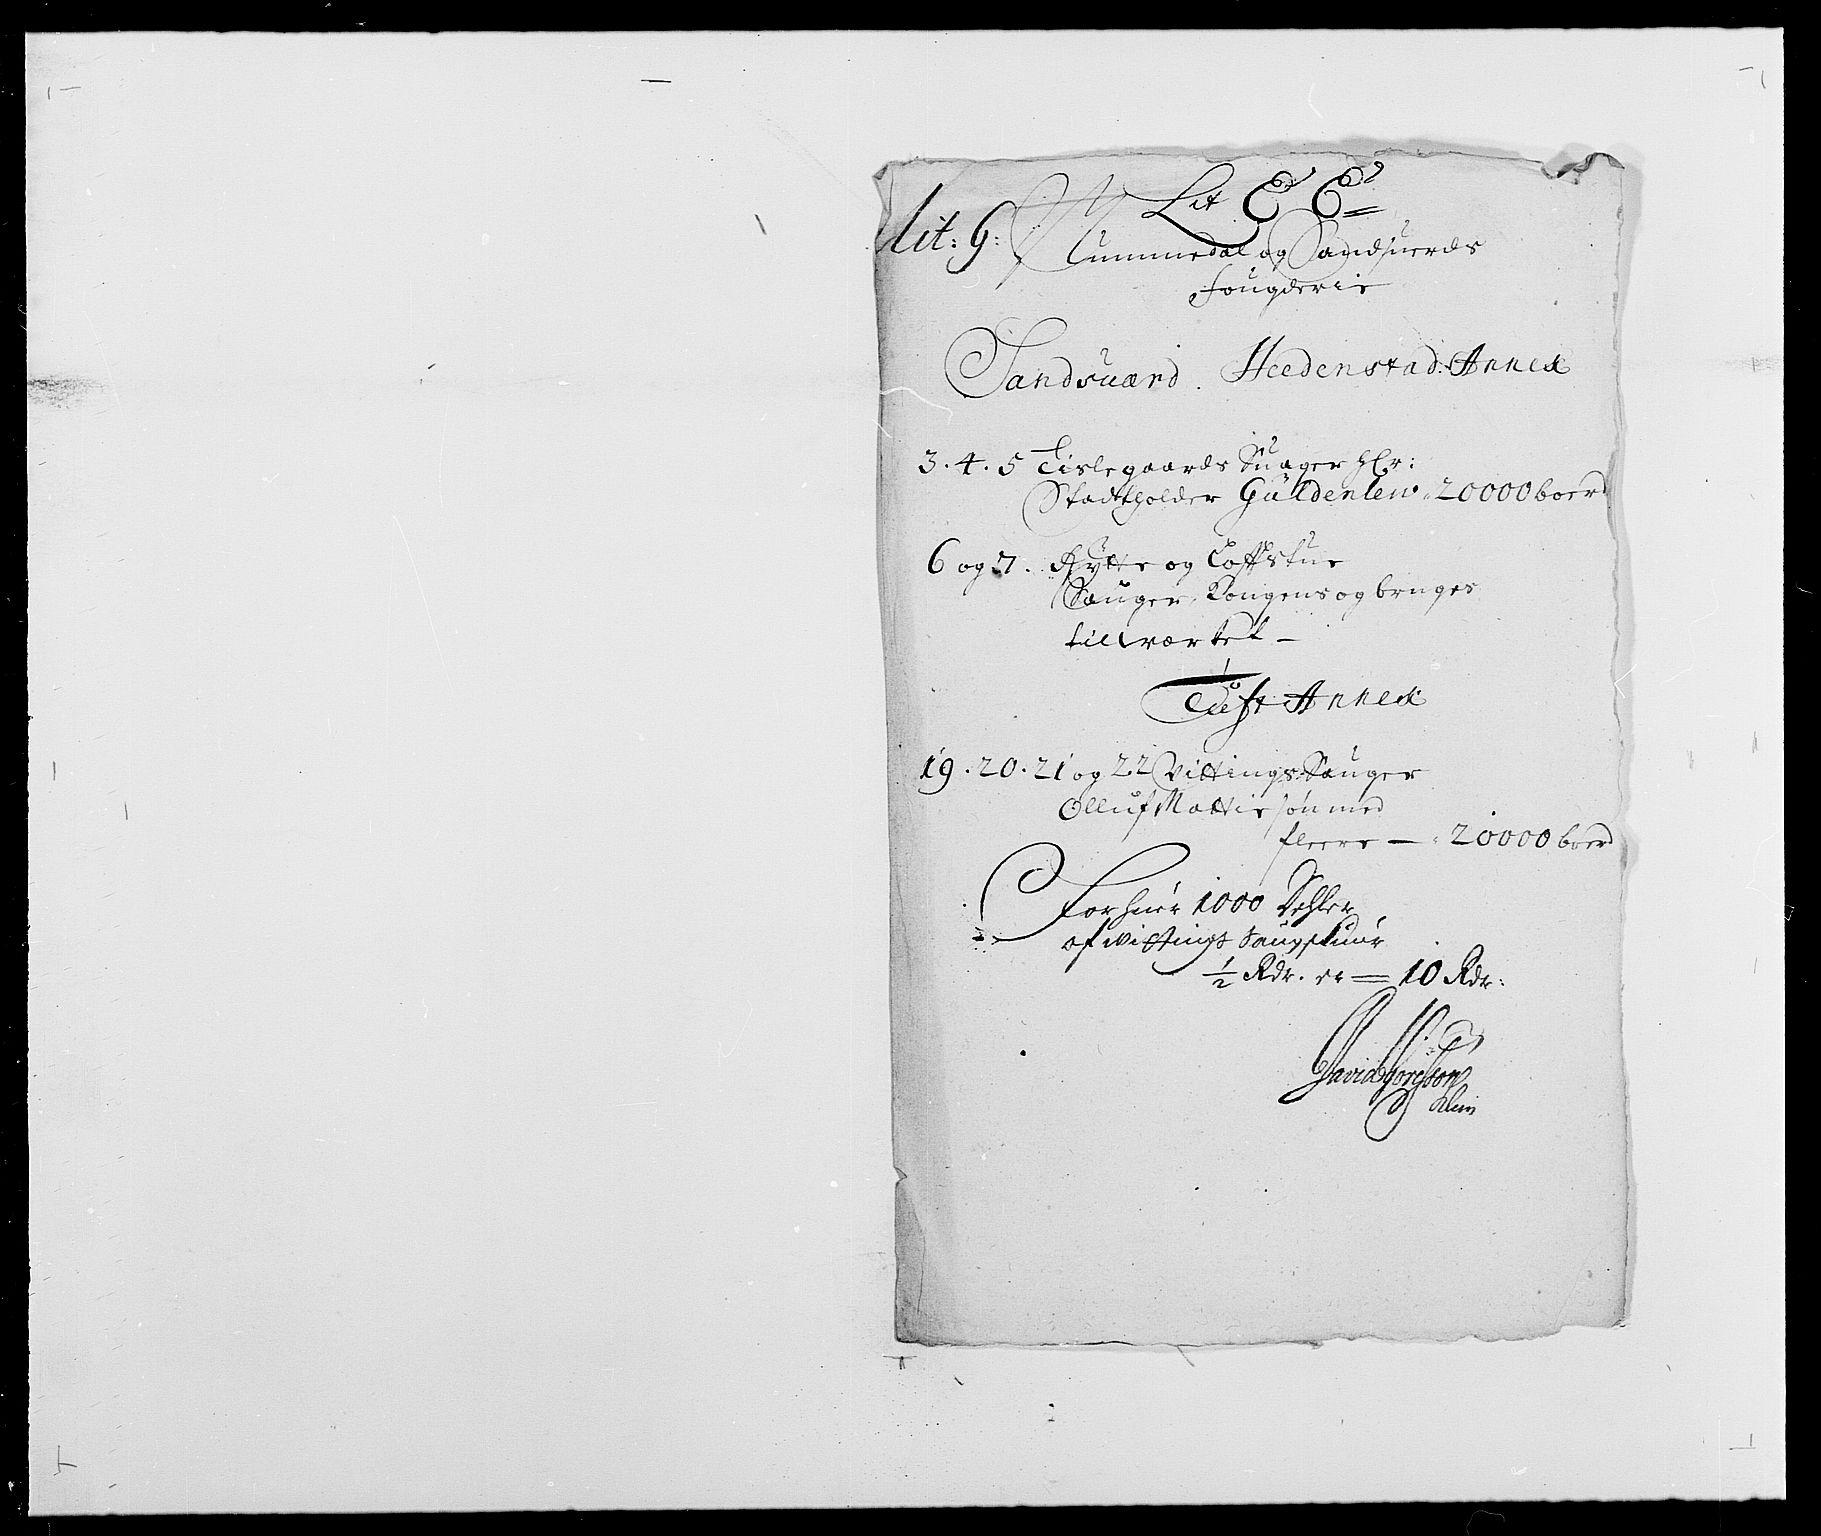 RA, Rentekammeret inntil 1814, Reviderte regnskaper, Fogderegnskap, R24/L1573: Fogderegnskap Numedal og Sandsvær, 1687-1691, s. 448